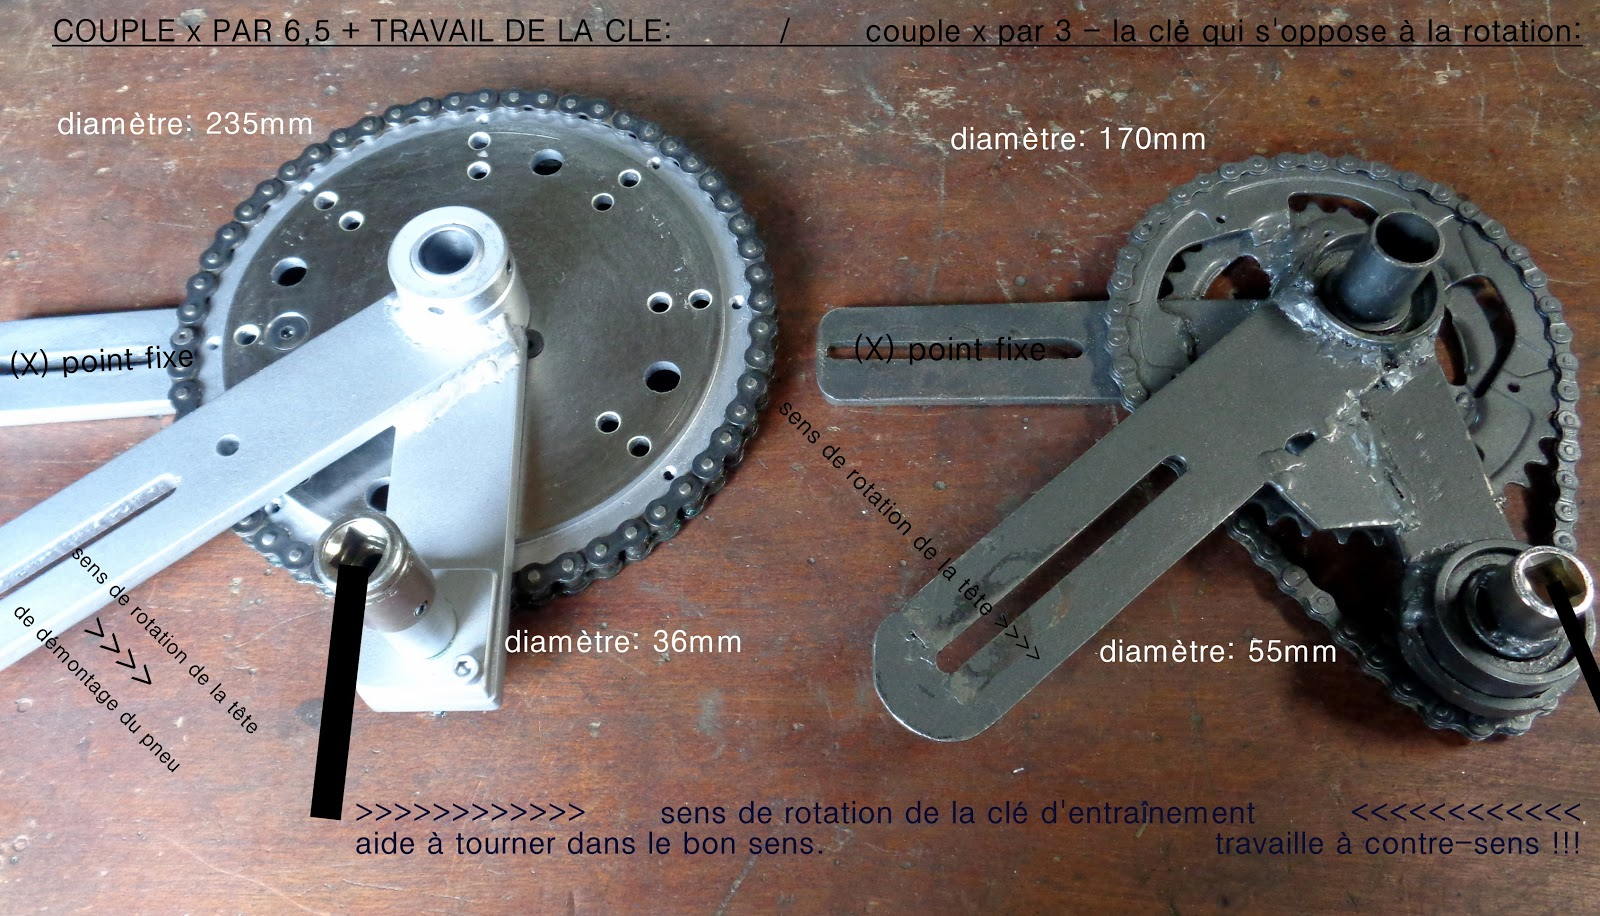 Voyages moto de jean louis changer ses pneus moto - Fabriquer un decolle pneu ...